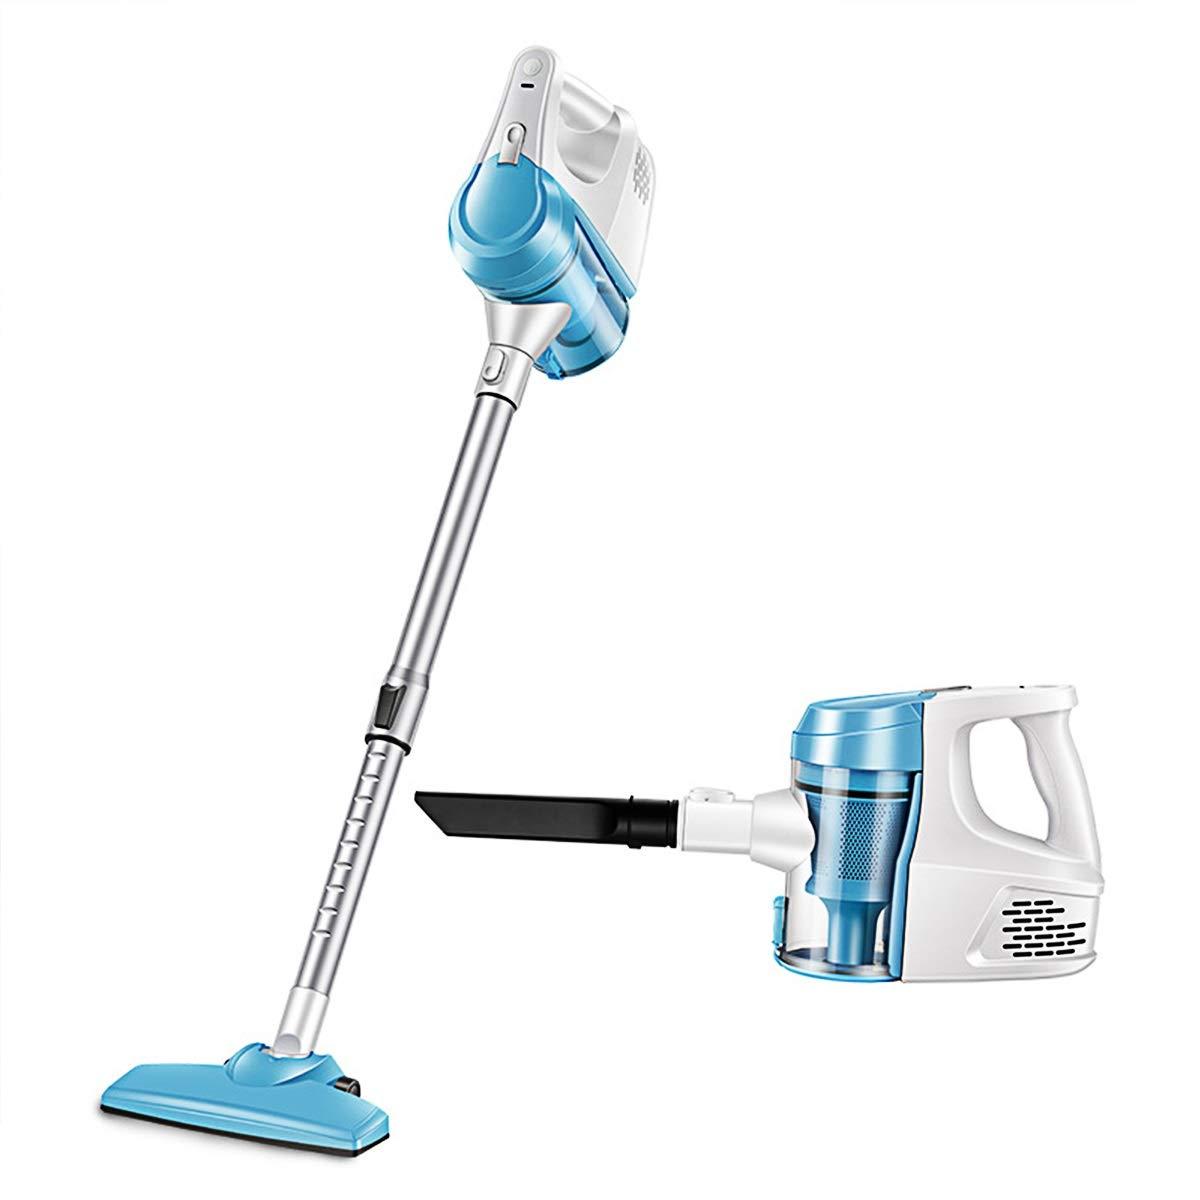 Vacío Handheld Vacuum Cleaner Aspirador inalámbrico neutral del hogar portátil silencioso Pequeño Grande succión carro de carga for aspiradoras Neutro fuerte con la aspiradora: Amazon.es: Bricolaje y herramientas